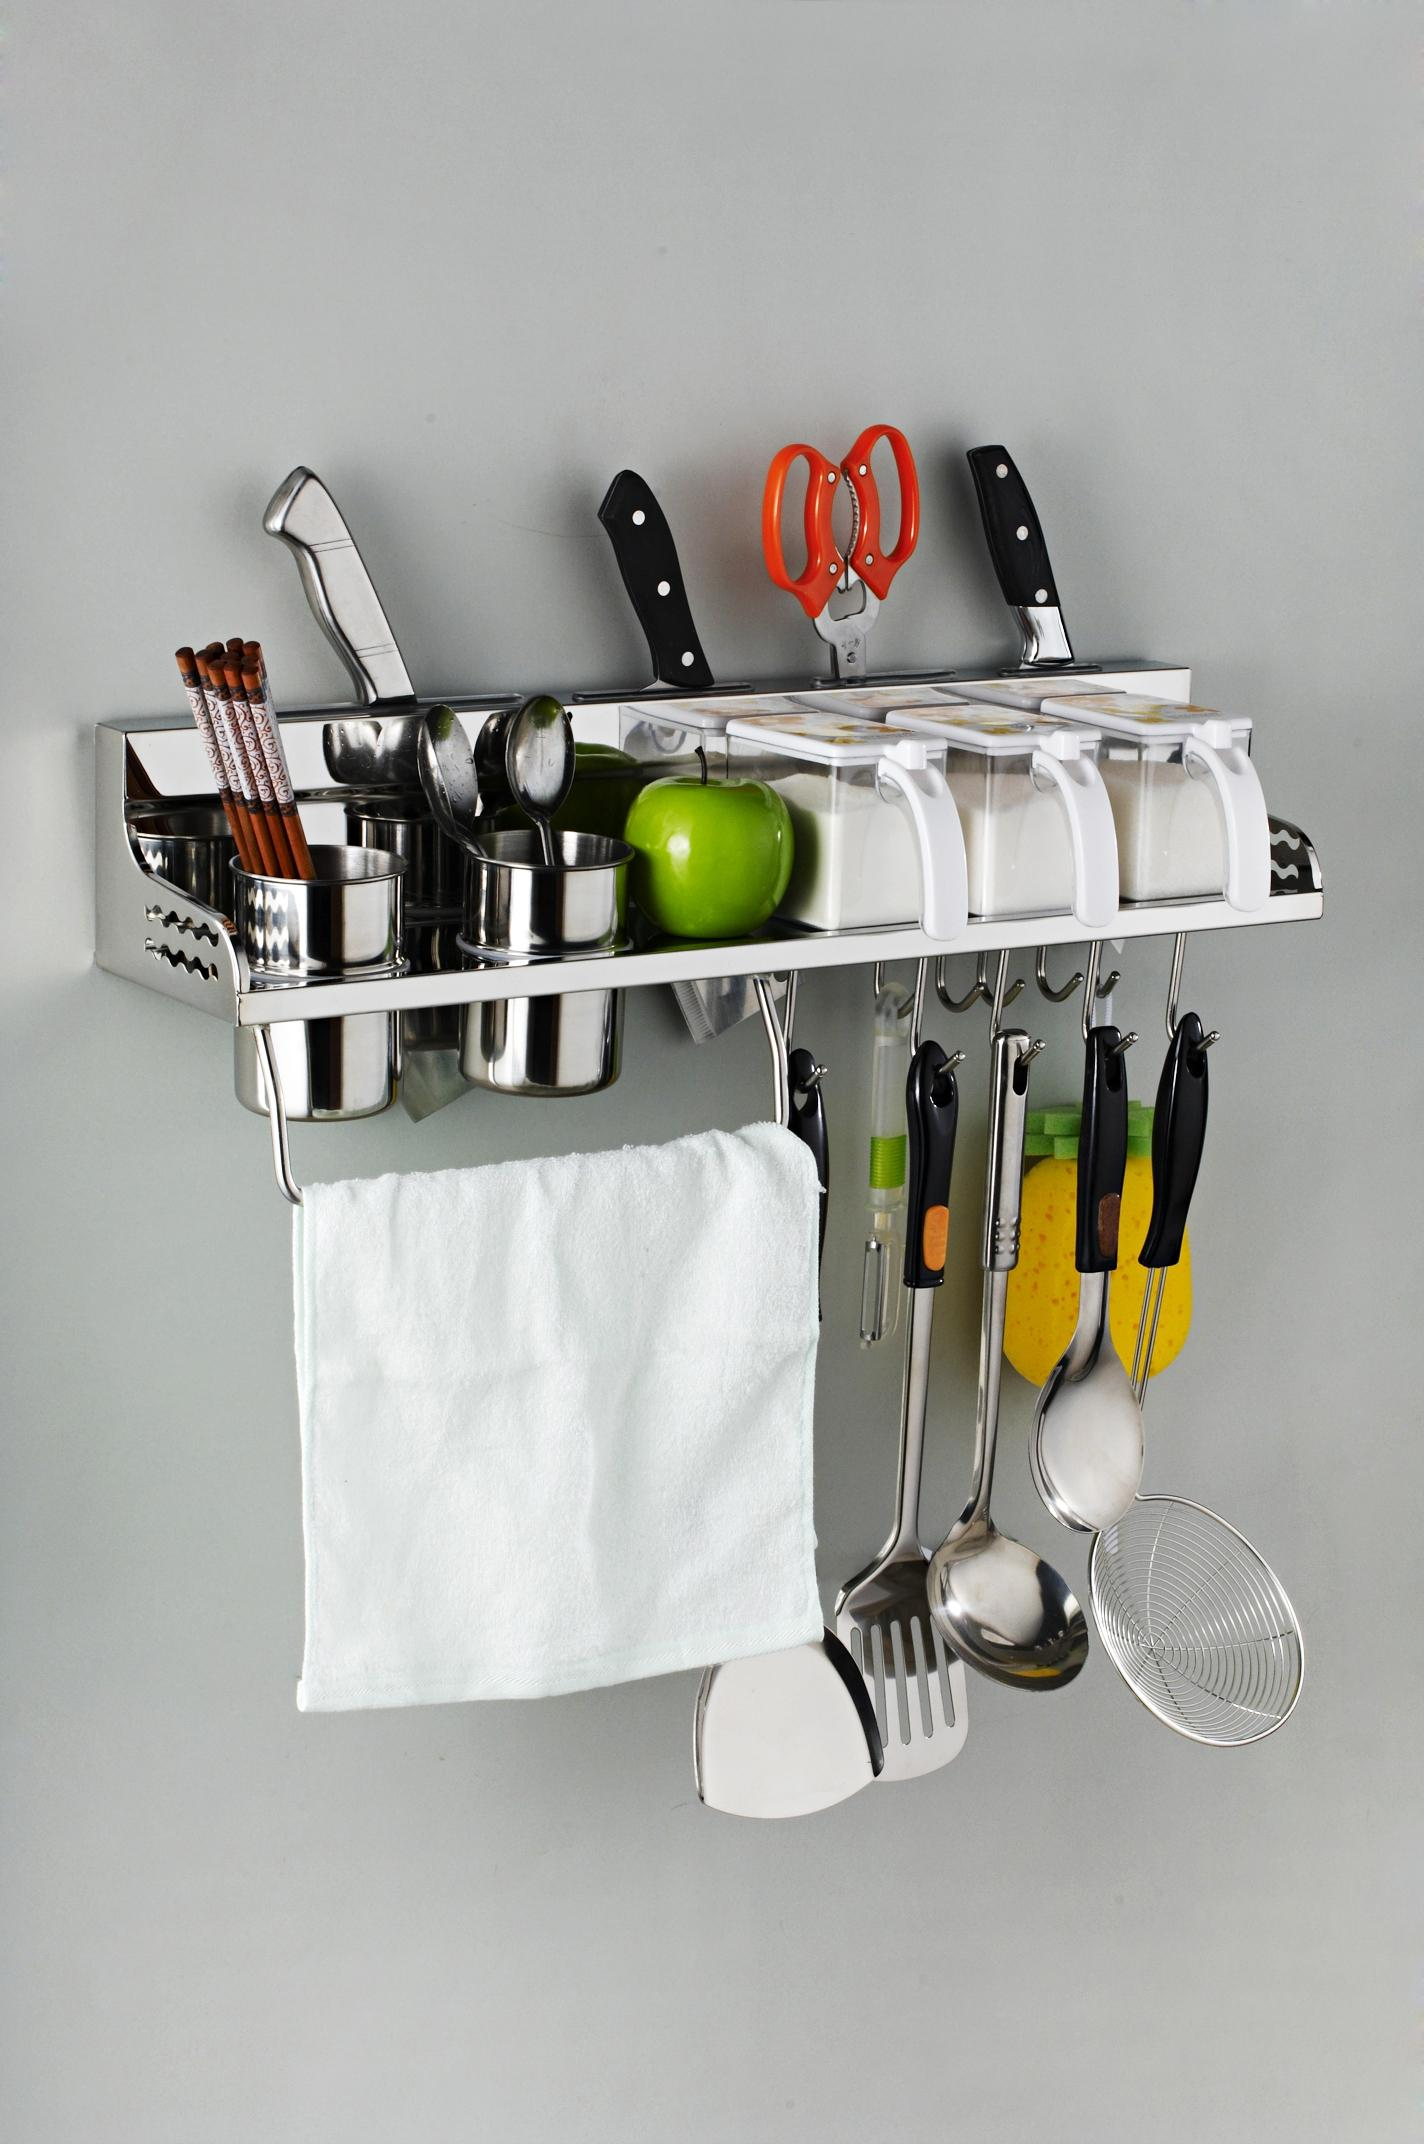 online cheap shelf 304 stainless steel kitchen accessories storage rack spice rack hookkitchen holder storage 60cm m 003a by wzborui dhgatecom. Interior Design Ideas. Home Design Ideas